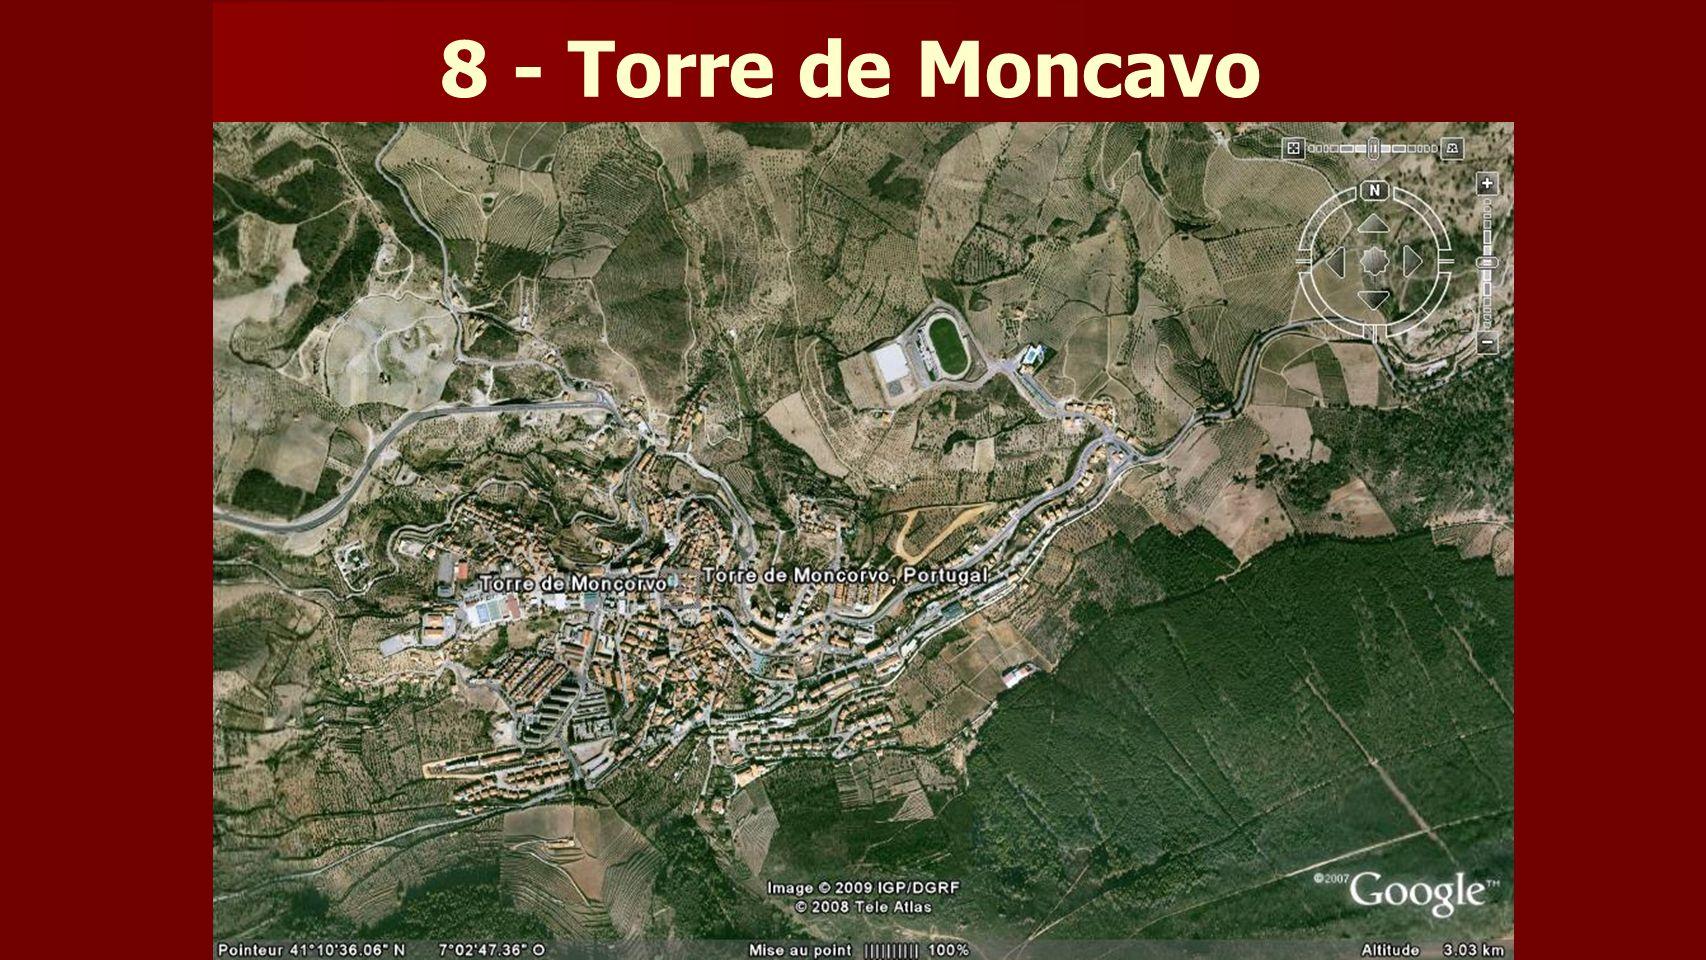 8 - Torre de Moncavo